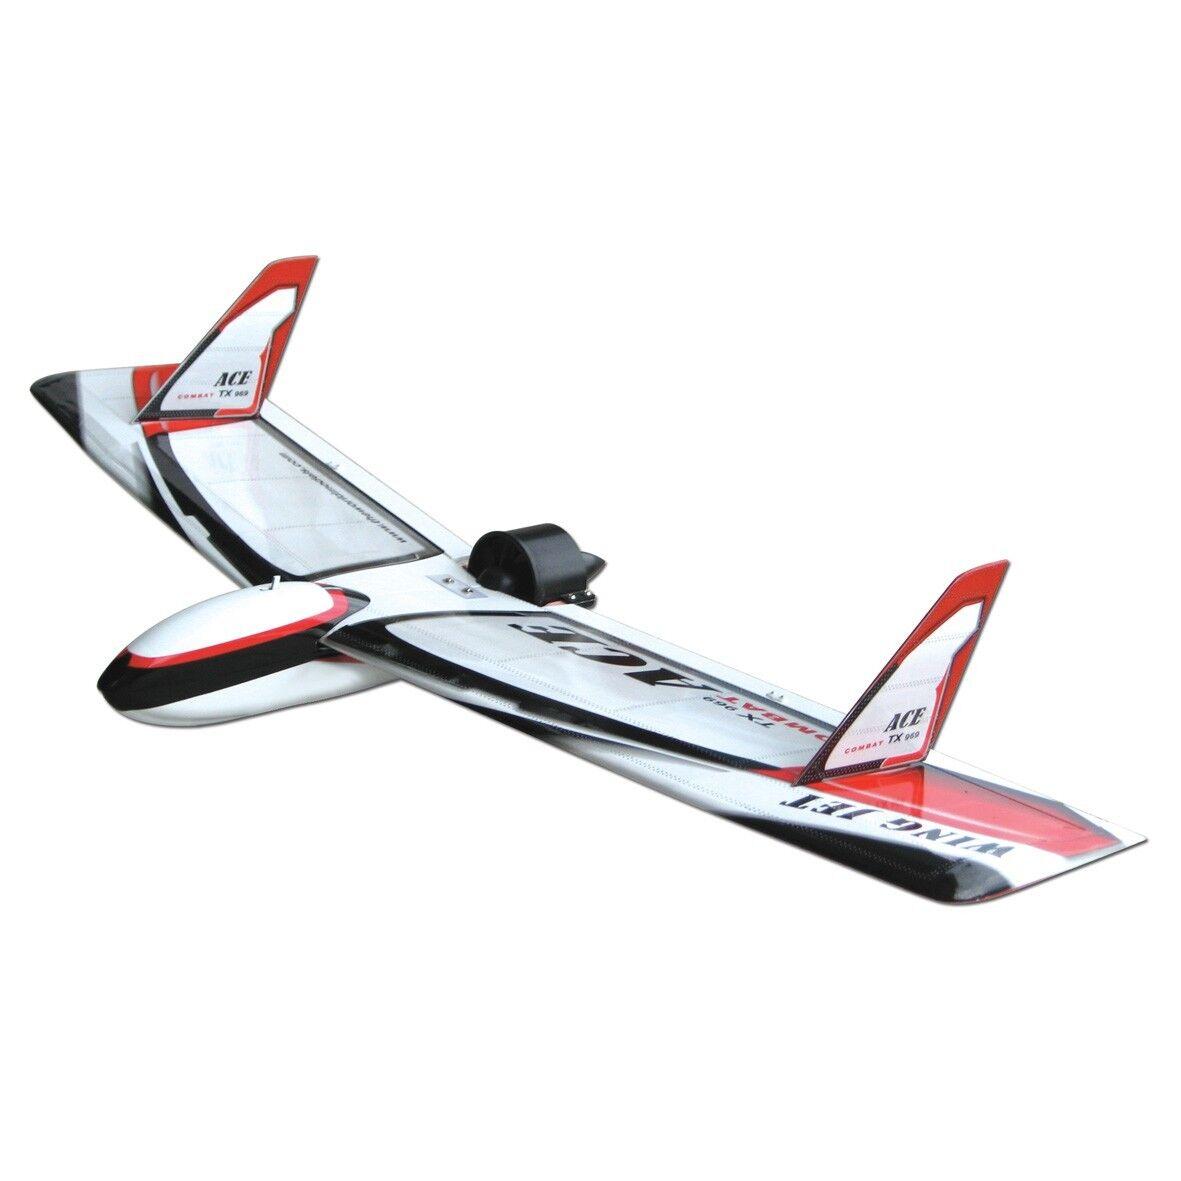 Der welt - modelle flgel jet ep - radio flugzeug 3-cell eef - hilfe - fan